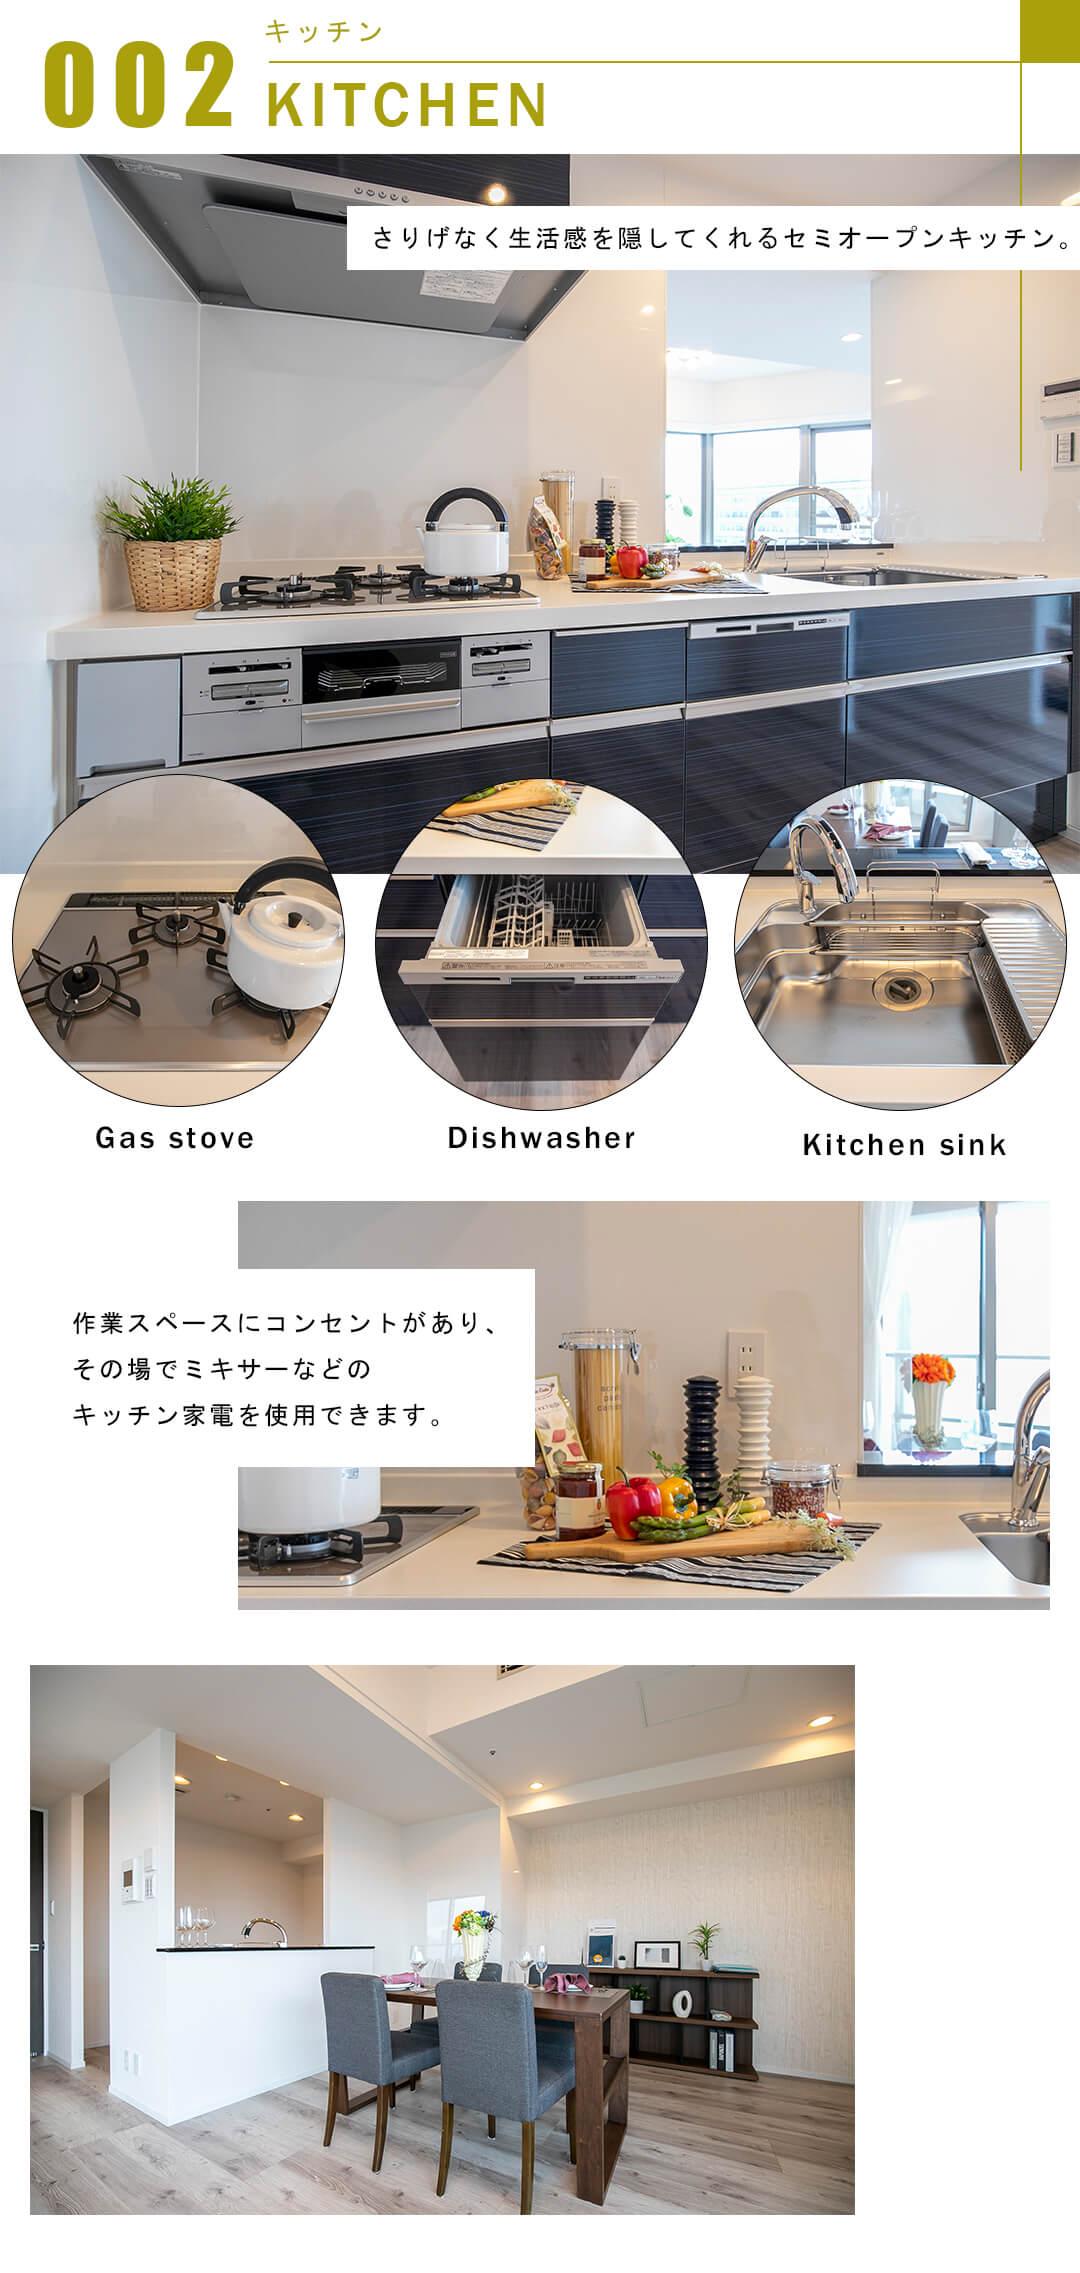 002kitchen,キッチン